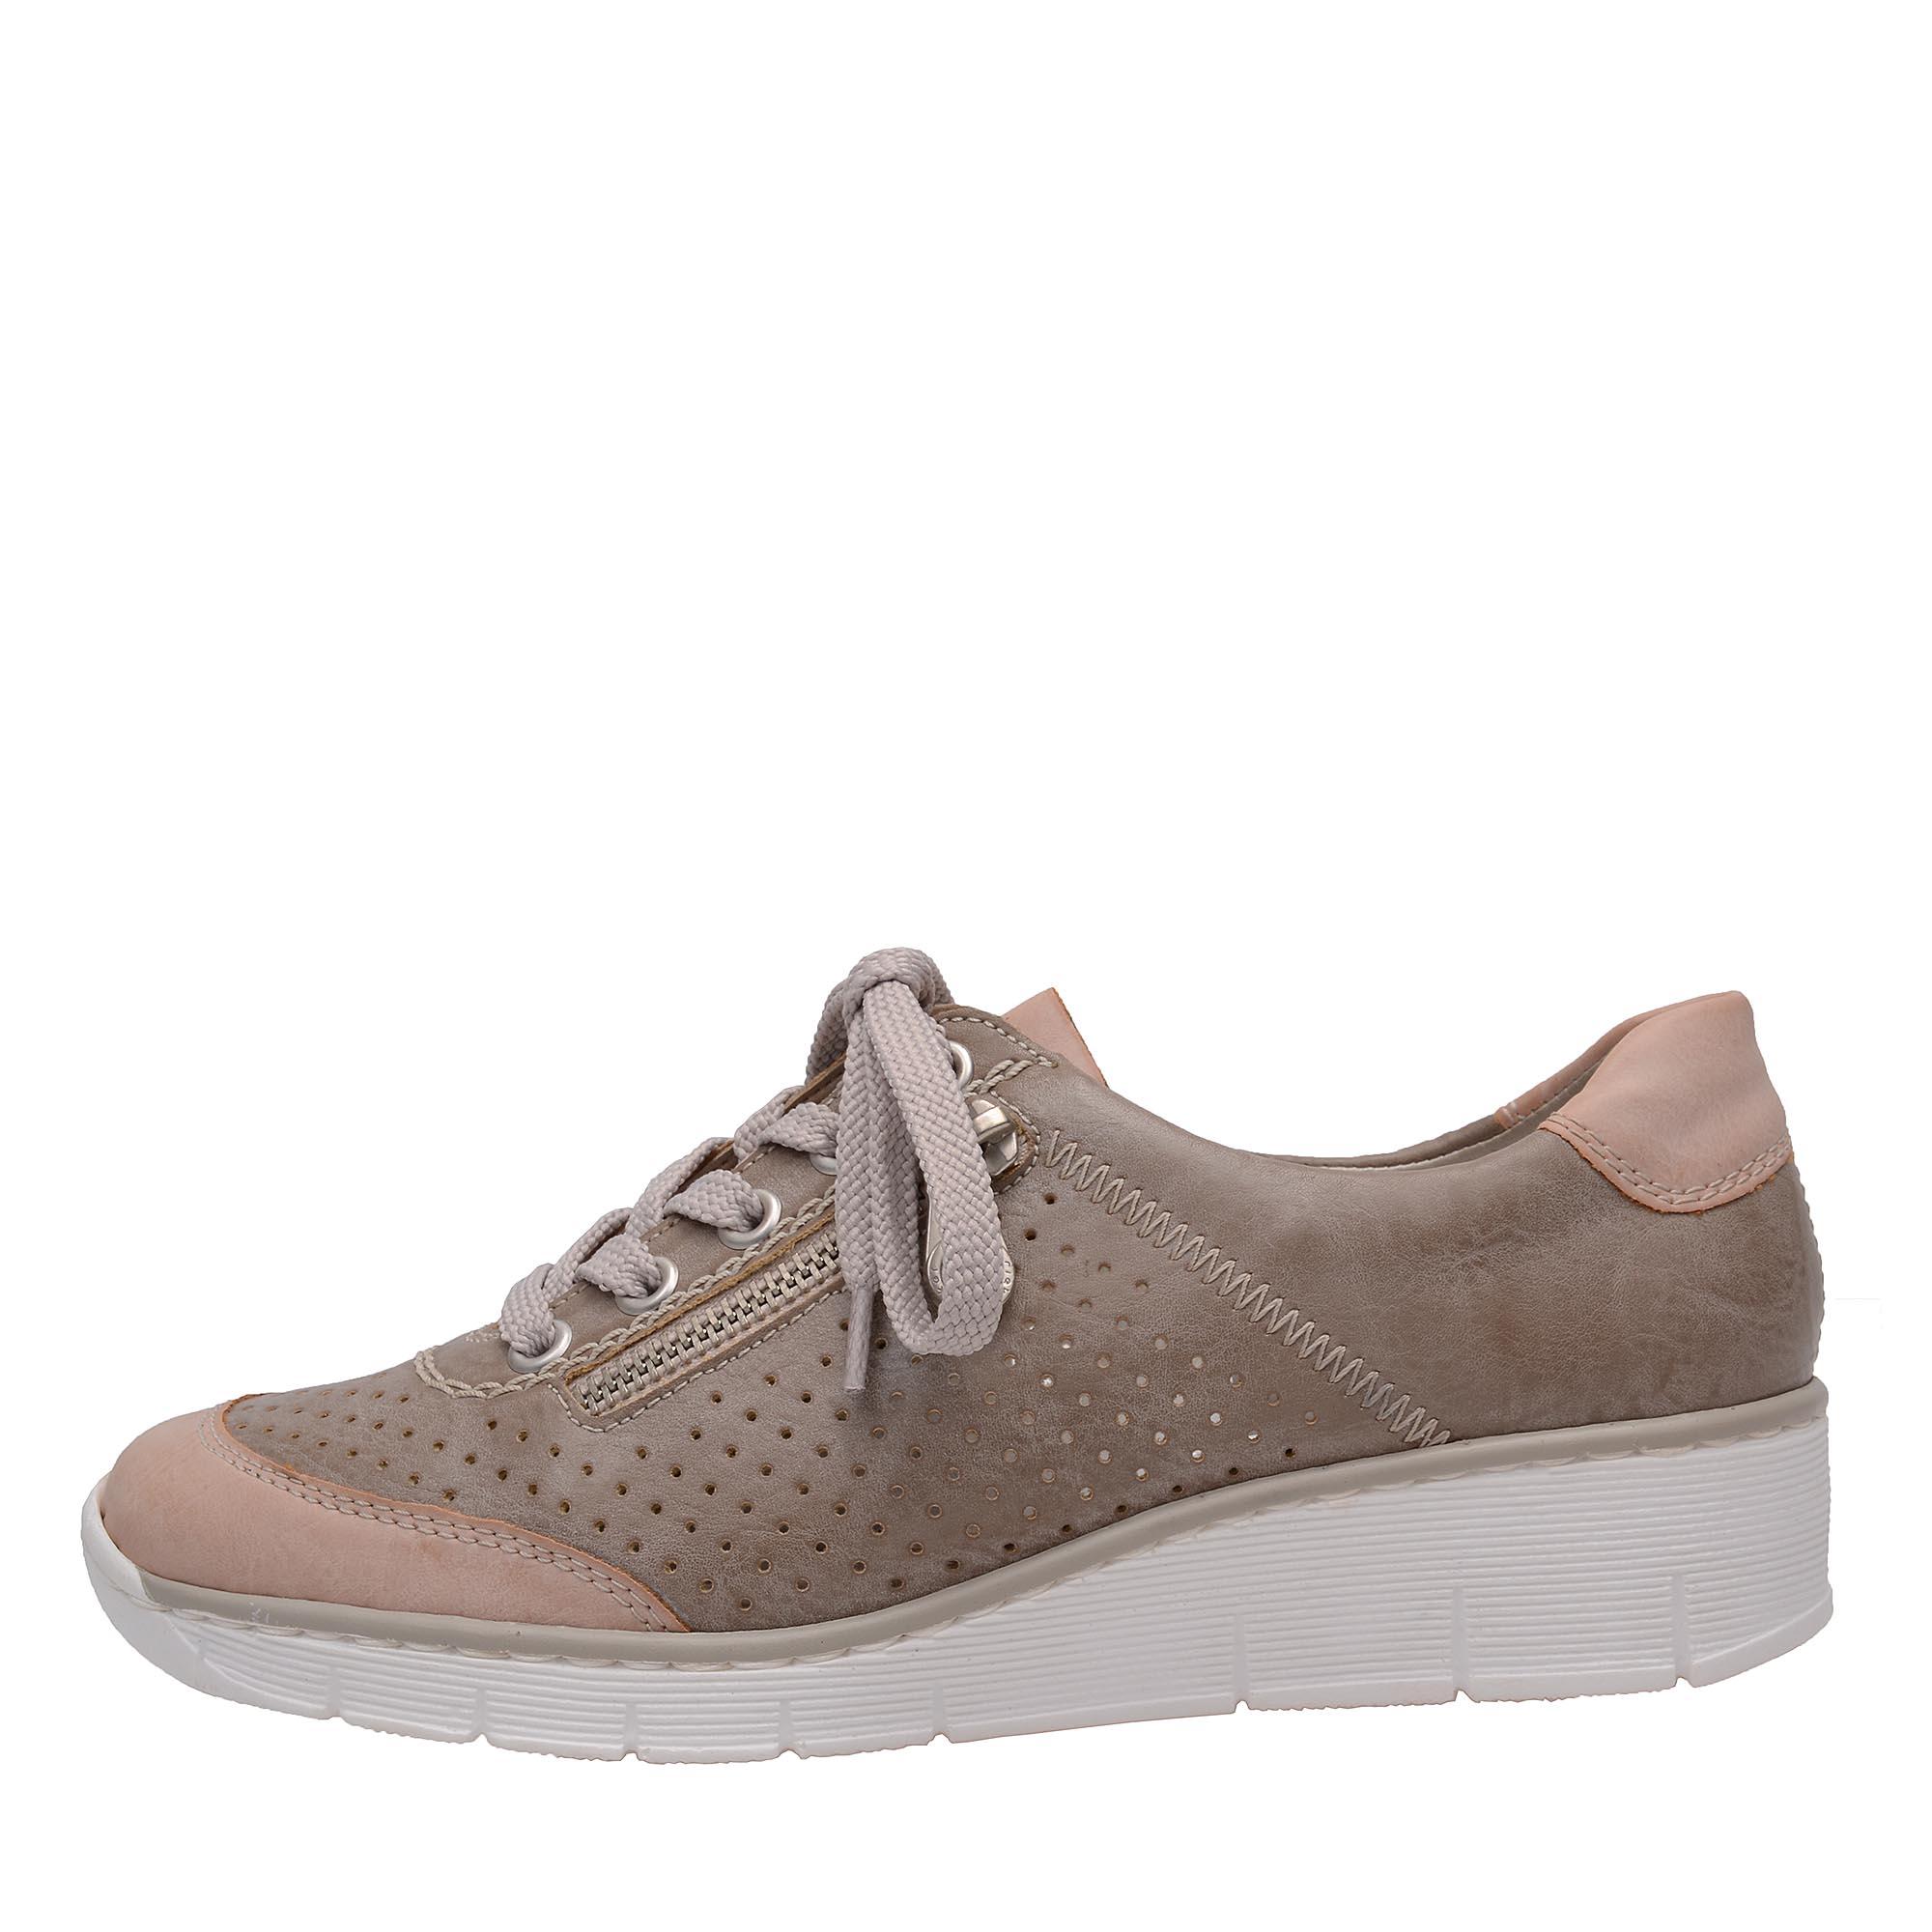 02bd06c06f detail Dámská obuv RIEKER 53725 32 GRAU KOMBI F S 7